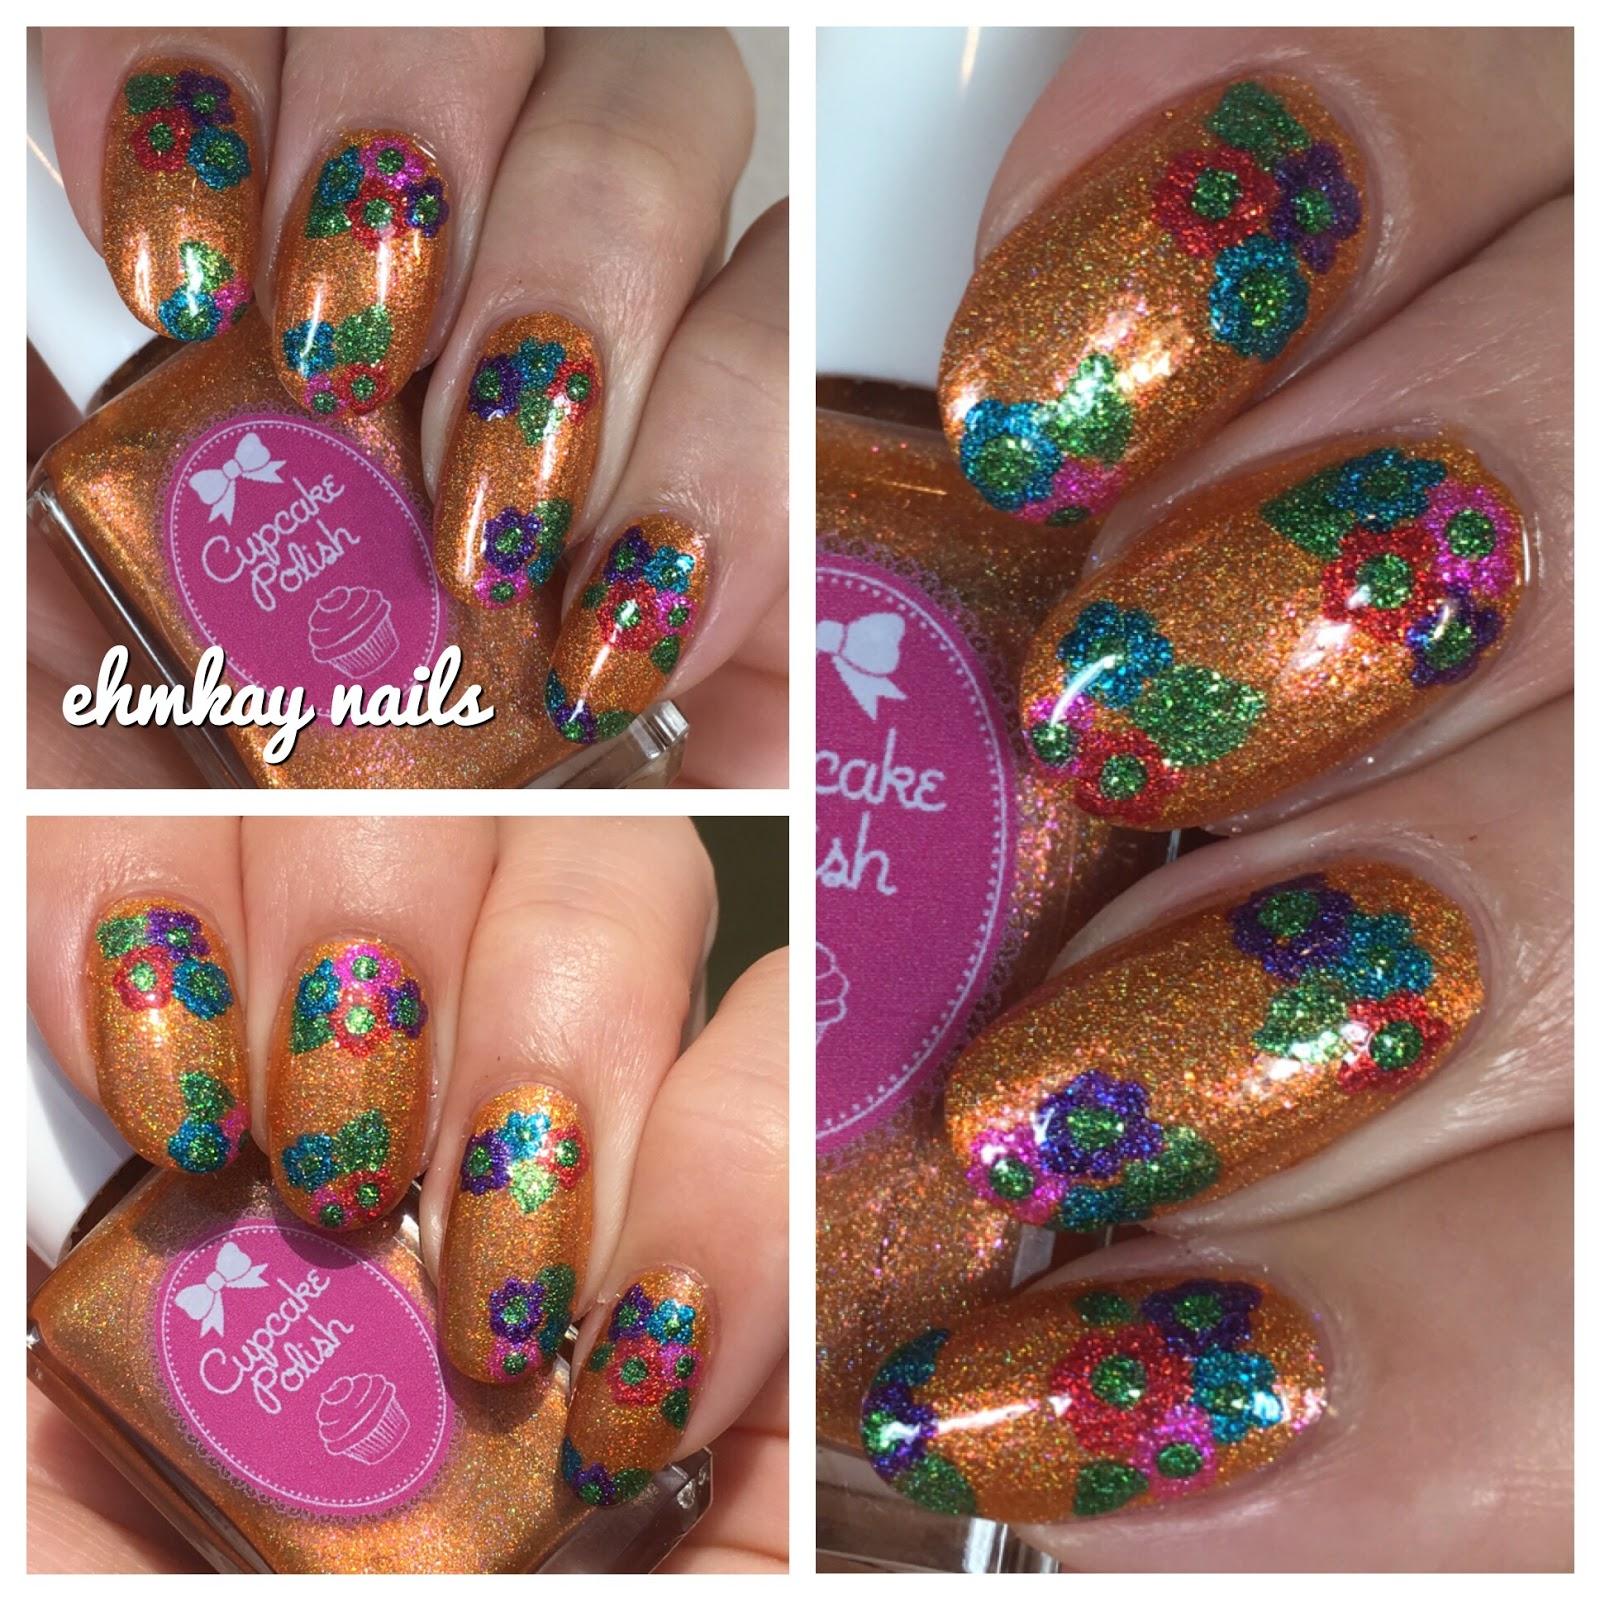 Ehmkay nails cupcake polish luau collection hawaiian flower nail art cupcake polish luau collection hawaiian flower nail art izmirmasajfo